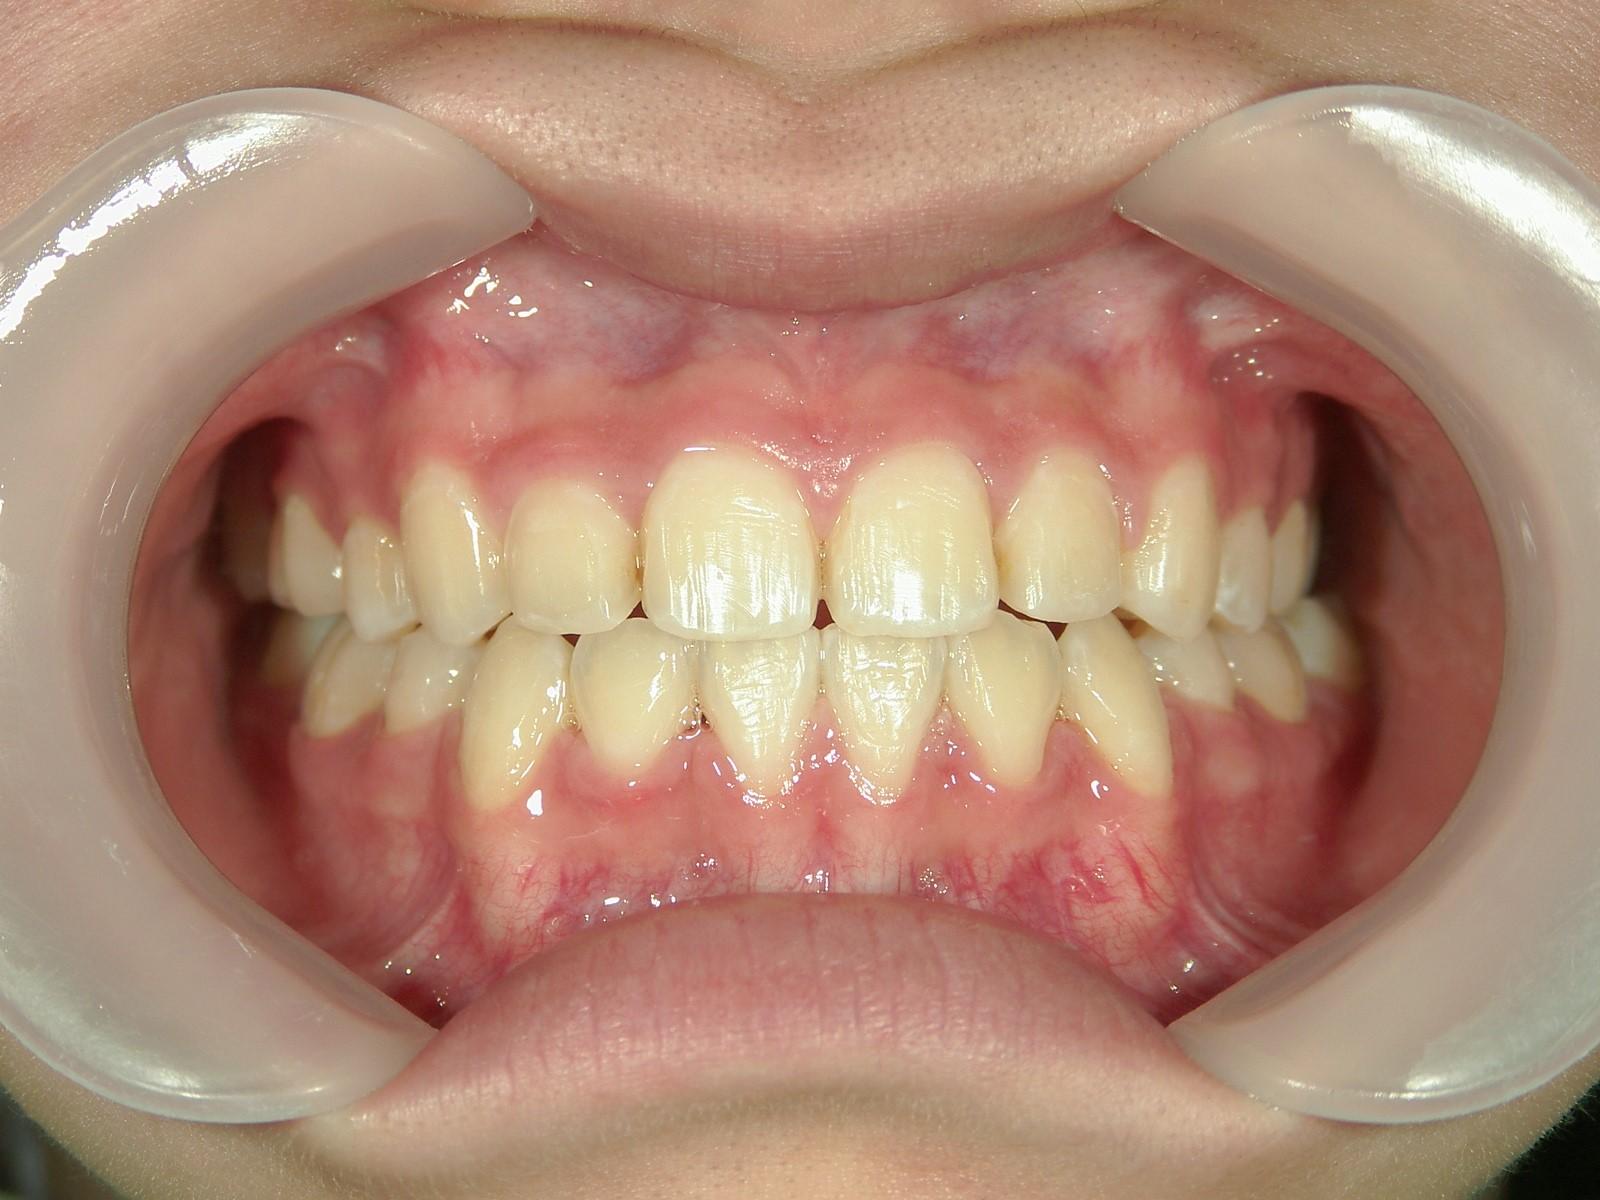 全顎ワイヤー矯正 症例(21)